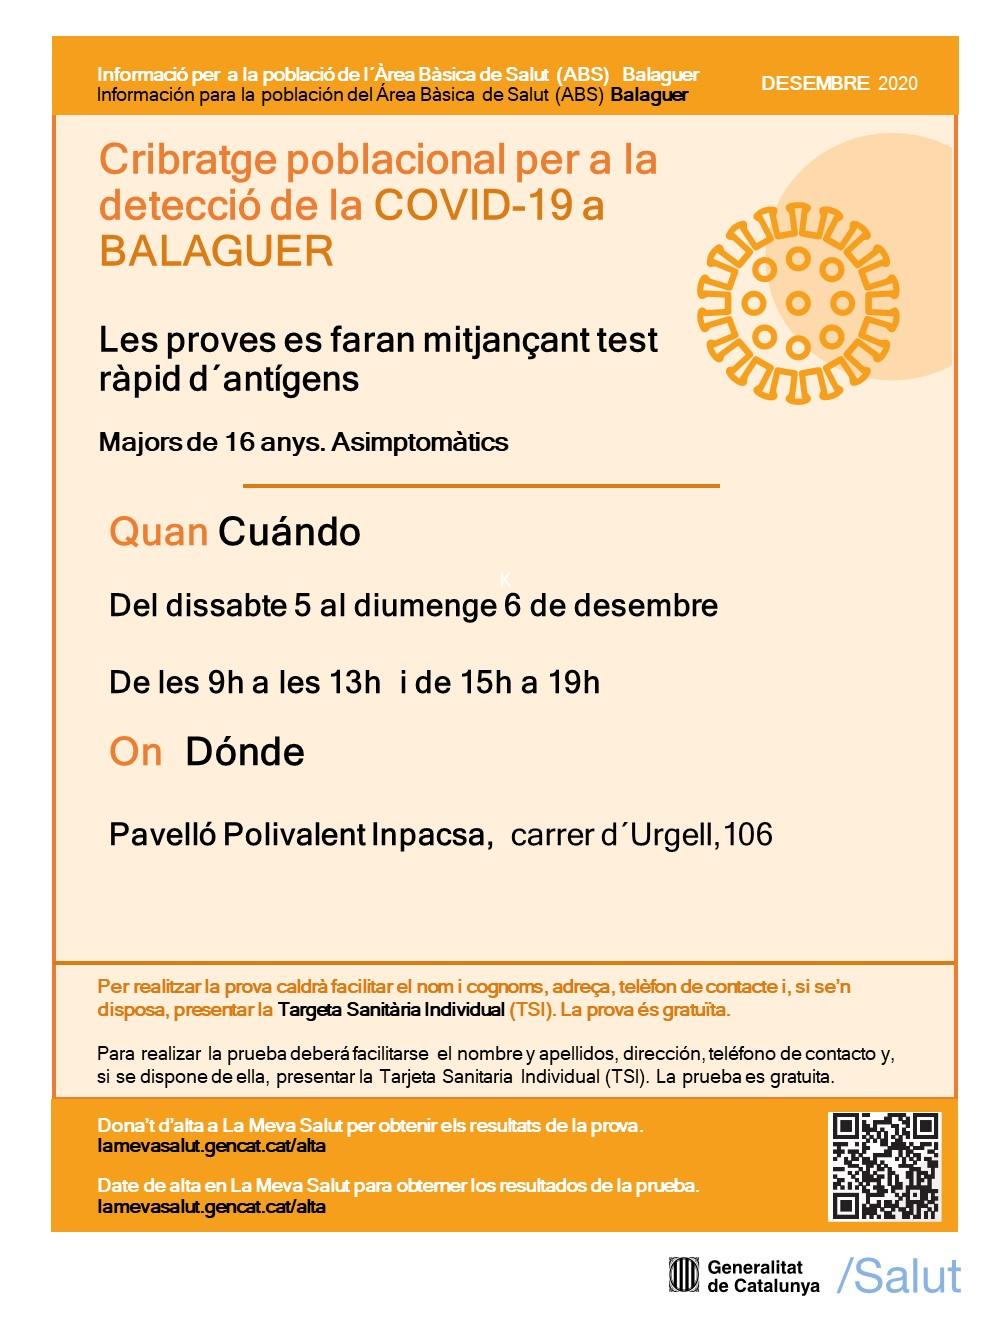 Cribratges poblacionals a les ABS de Balaguer i Ponts